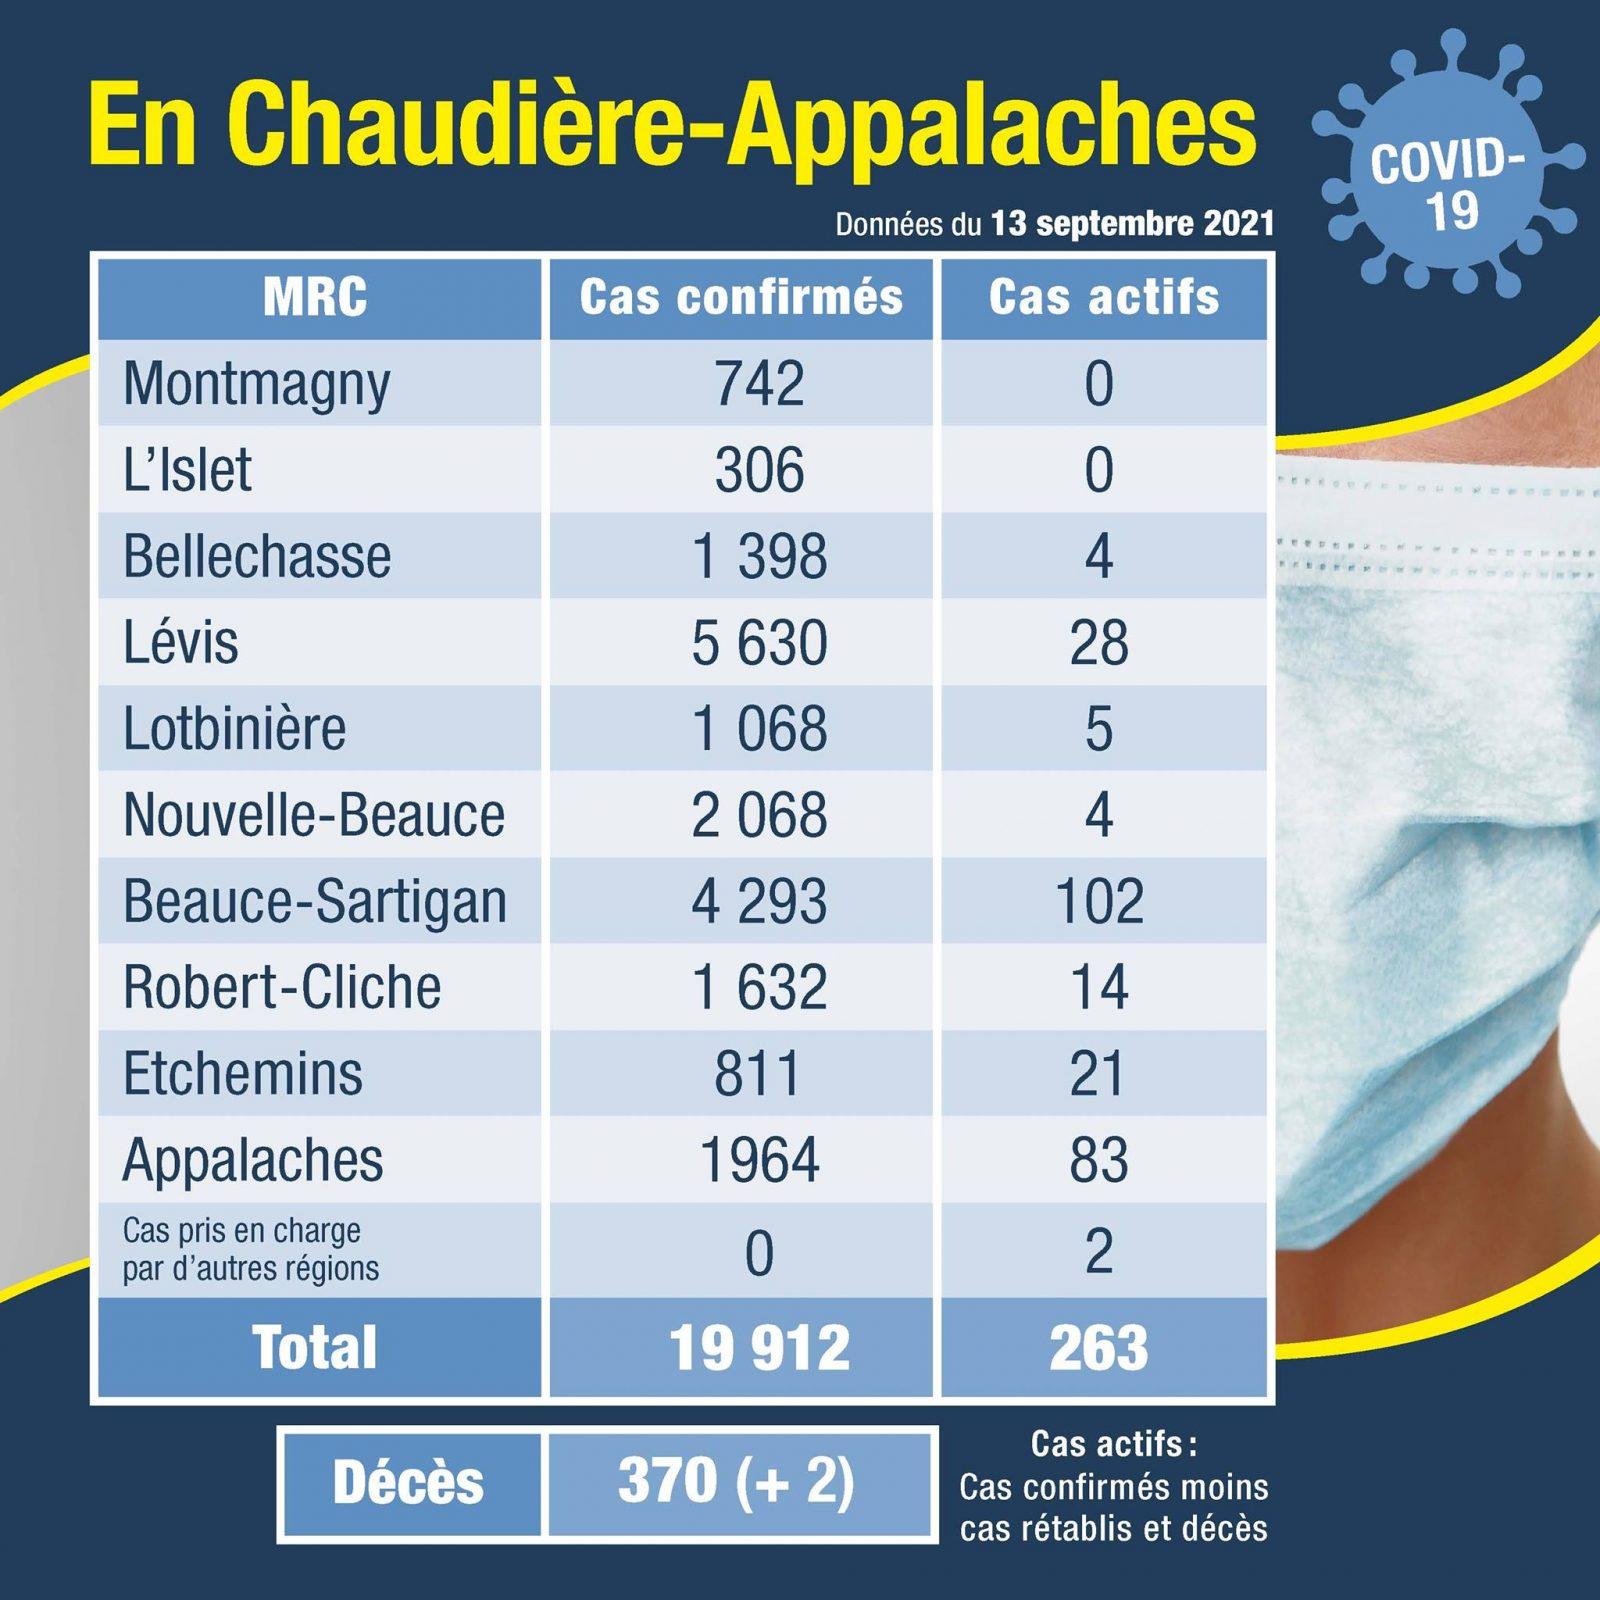 Un décès supplémentaire répertorié dans la MRC de Montmagny